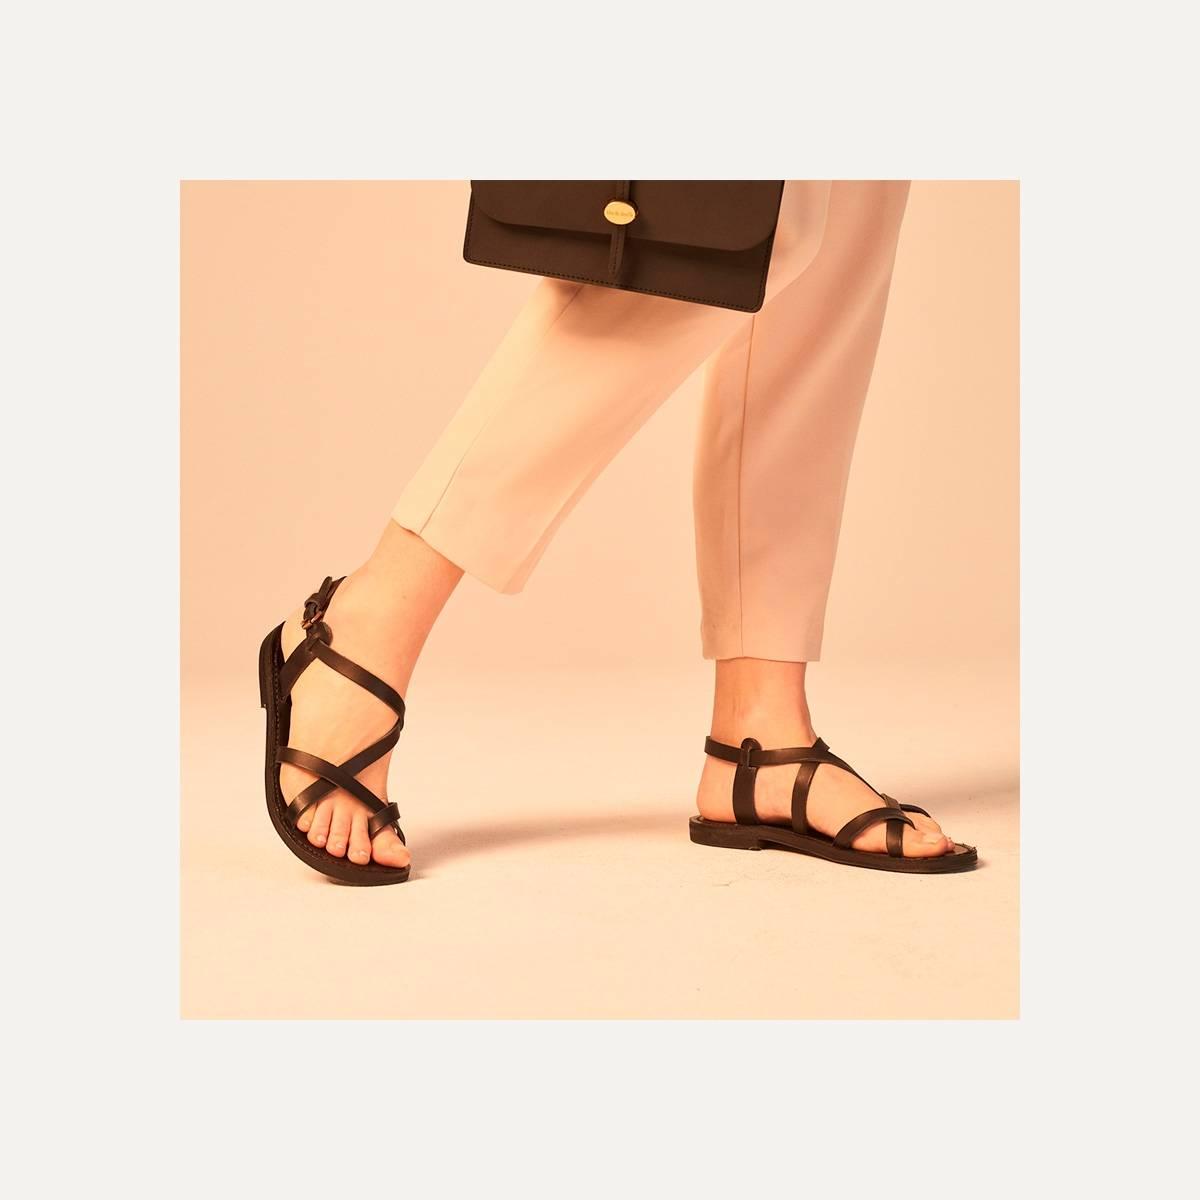 Sandales cuir Nara - Noir (image n°6)